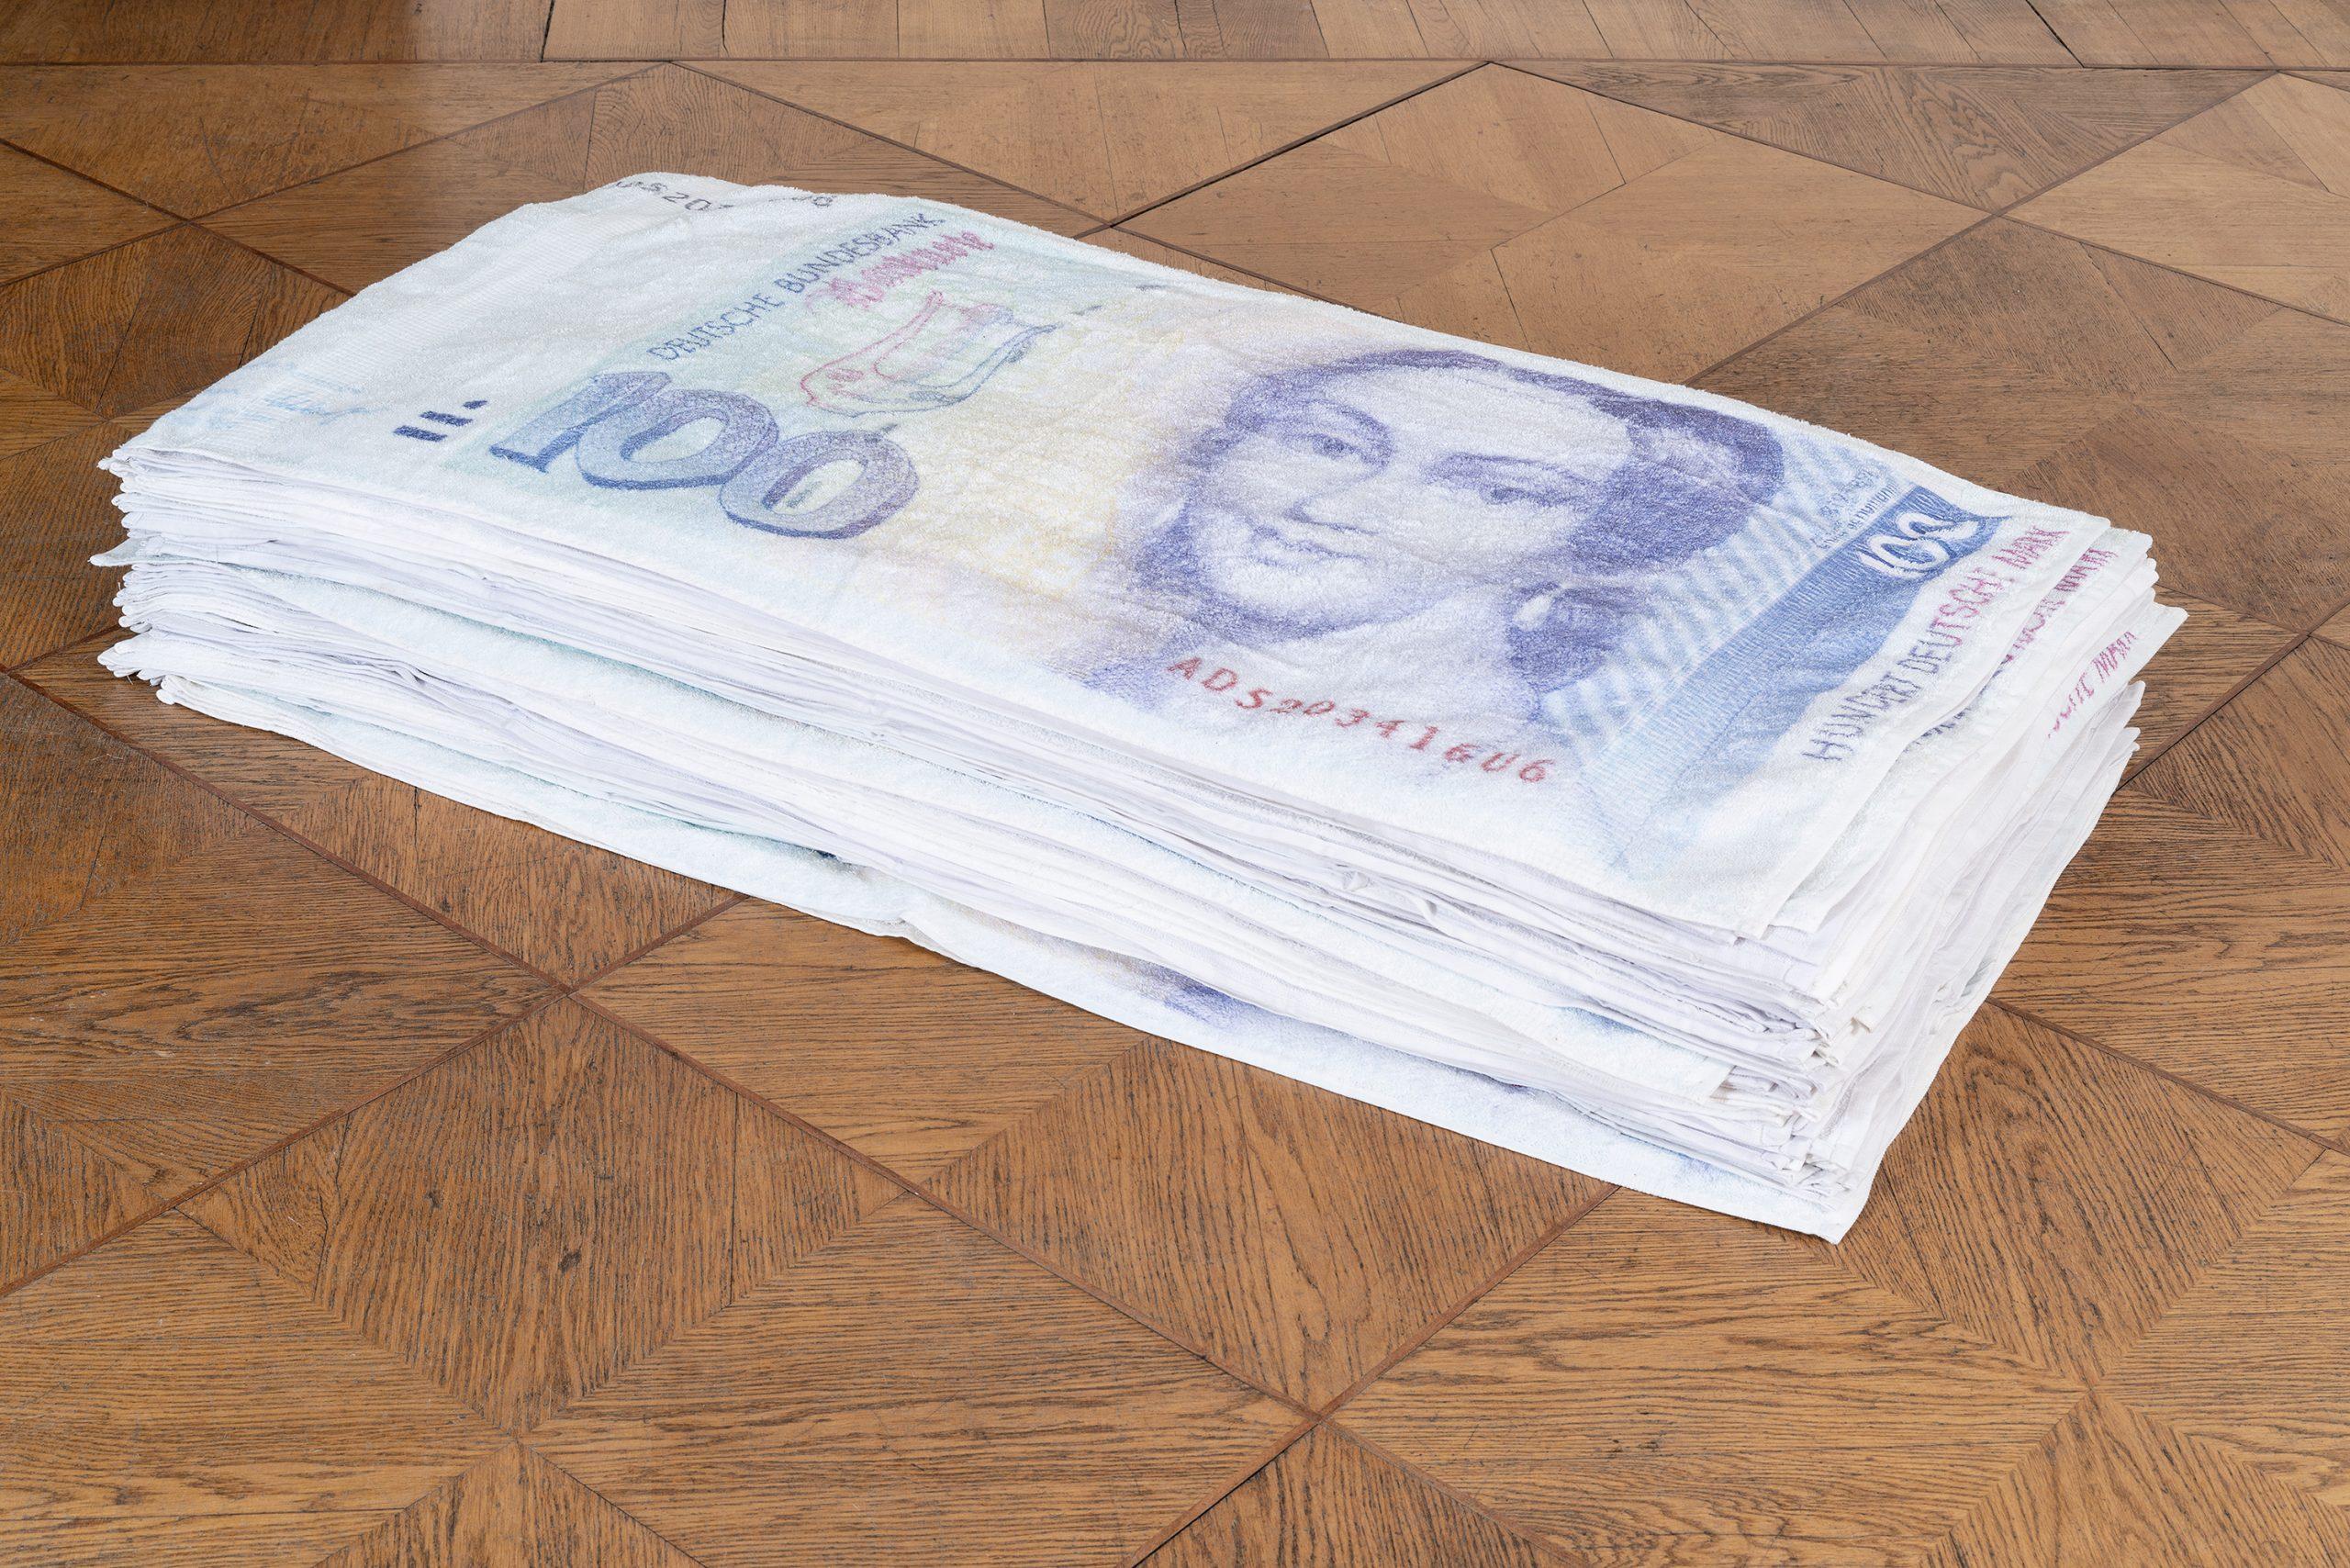 Nicholas Warburg DIE OBEREN 10.000 2020 130 x 70 x 30 cm 100 DM bill towel stack